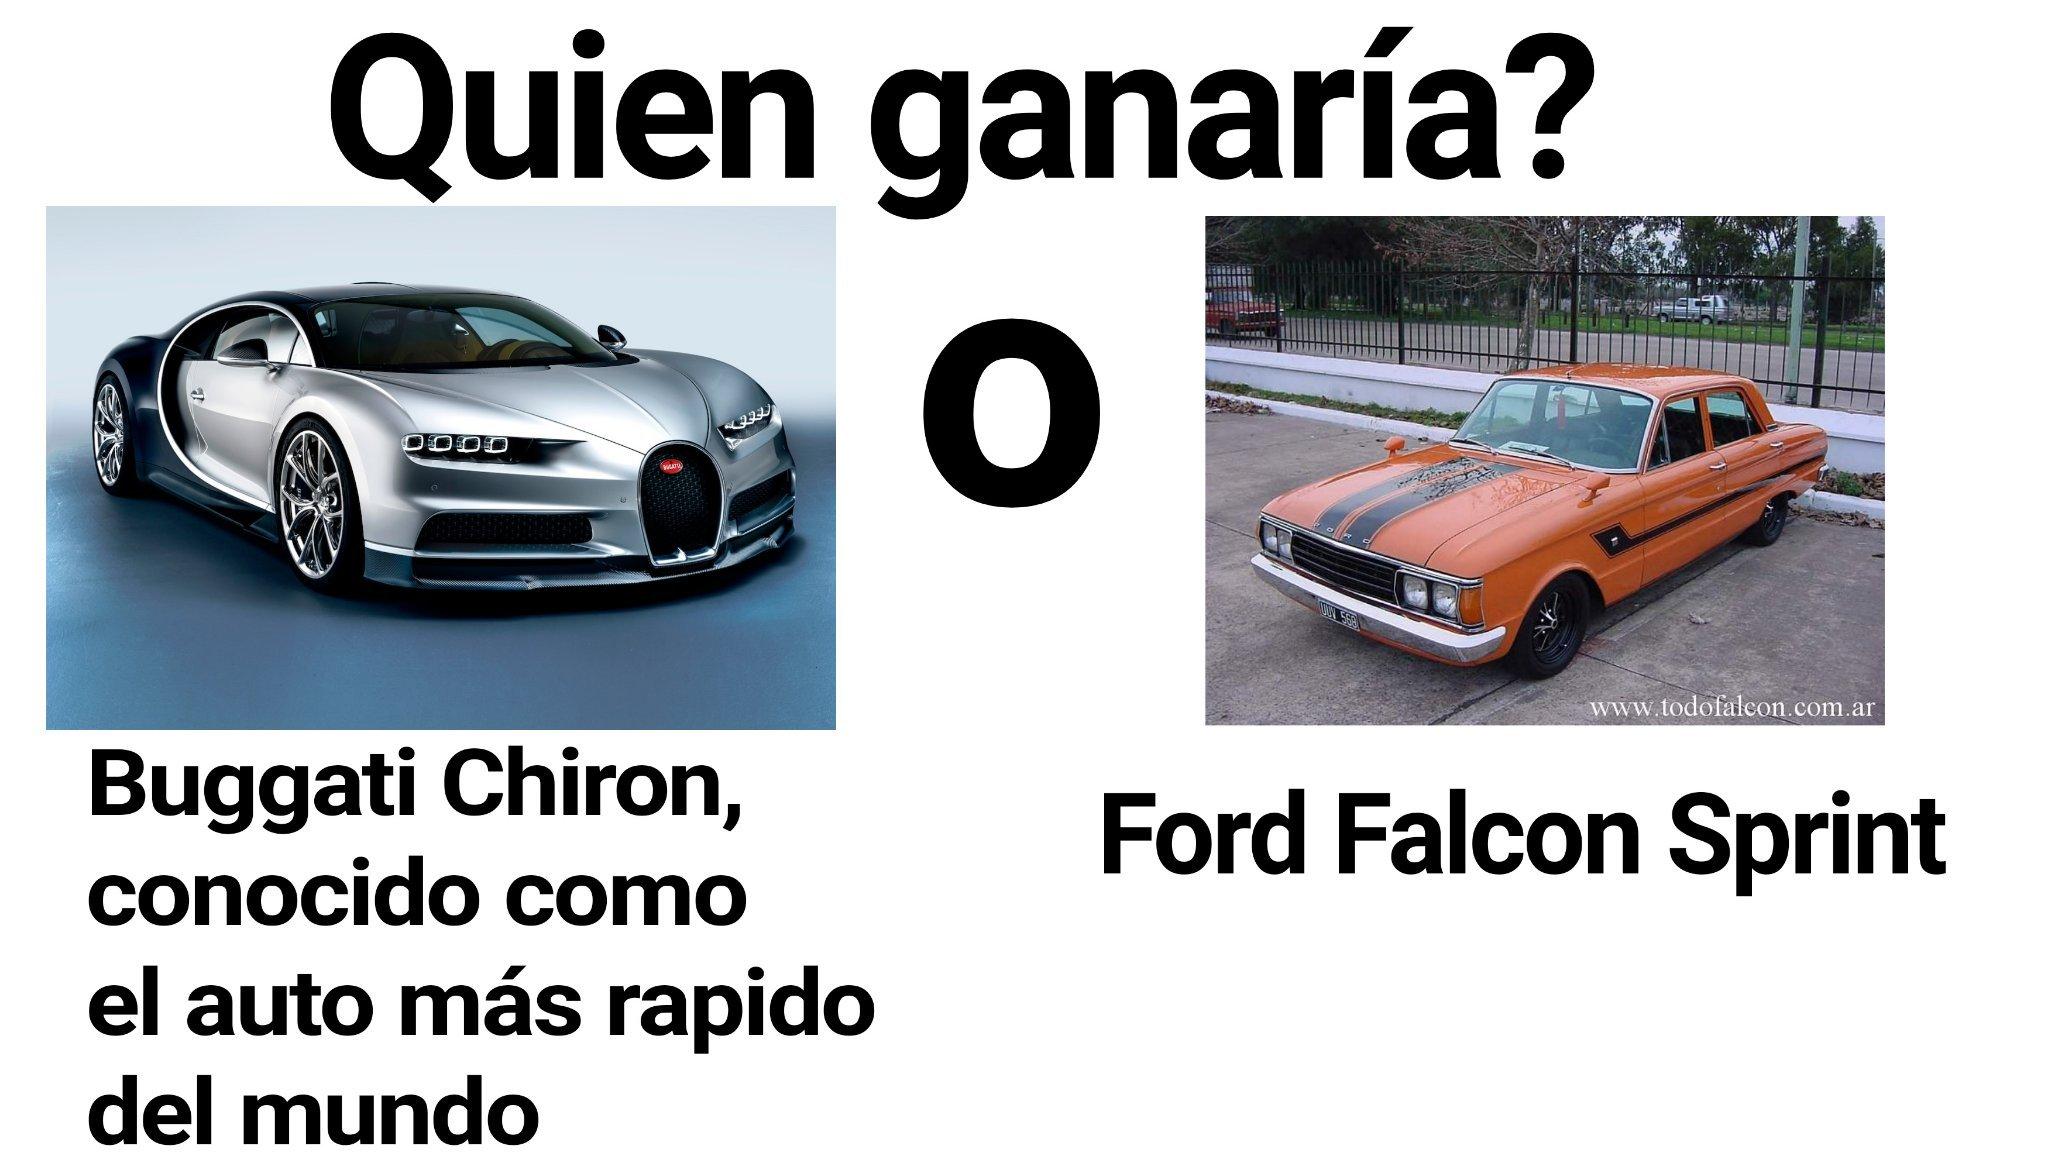 Gana el falcon - meme